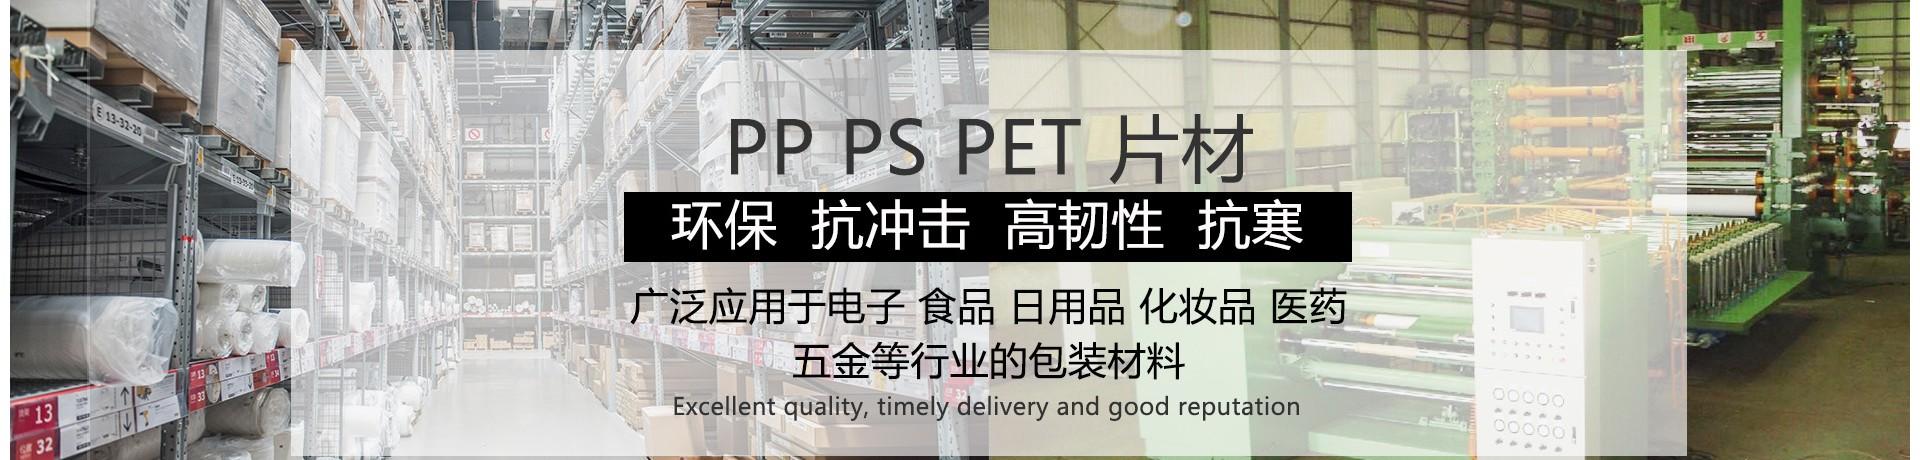 洛阳安图塑料制品有限公司